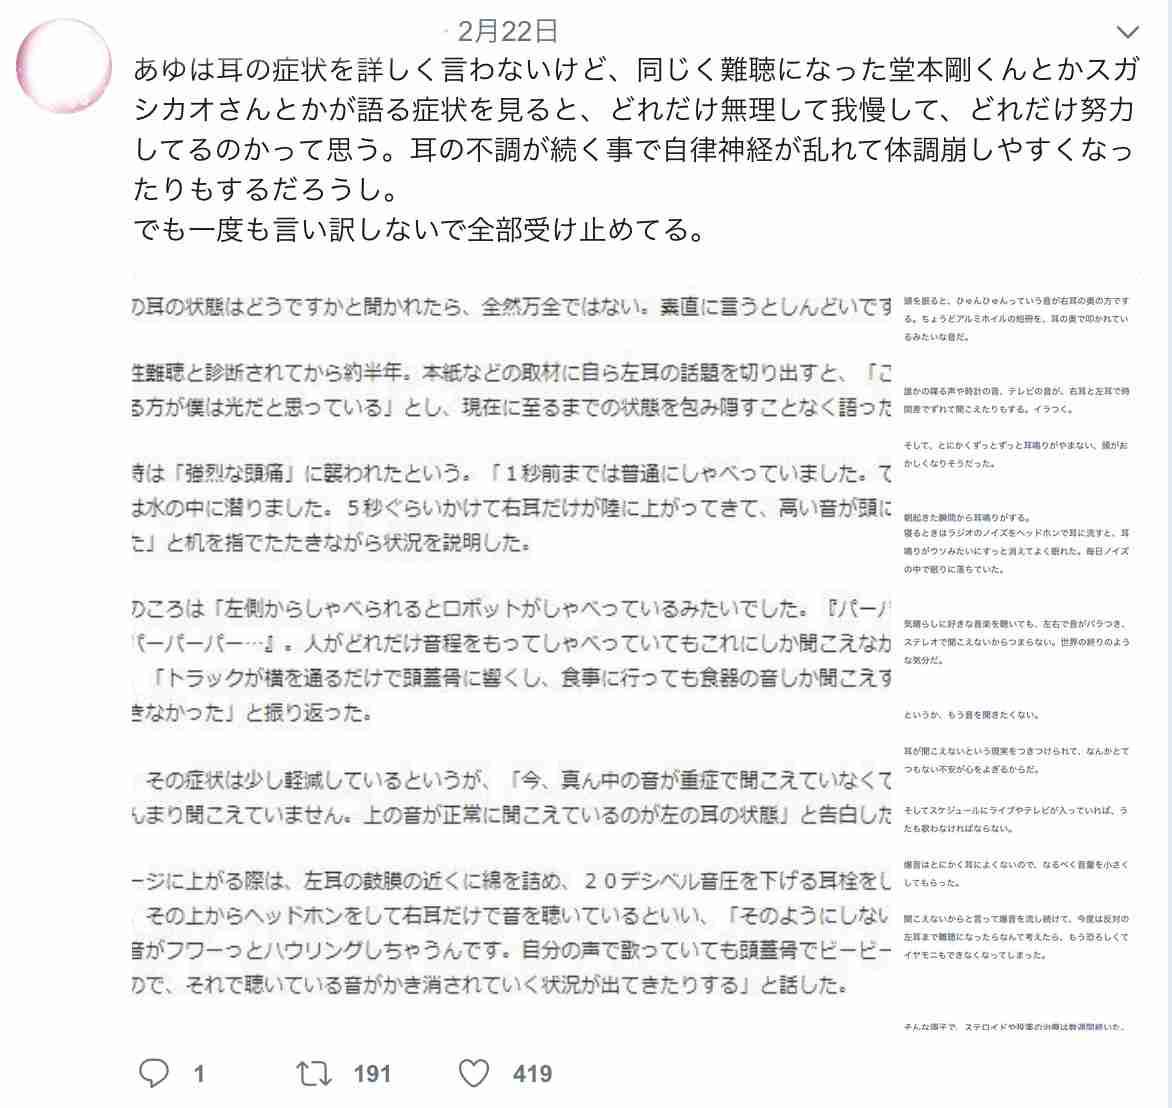 アレンジ?歌詞忘れた?浜崎あゆみのインスタ動画にファン困惑